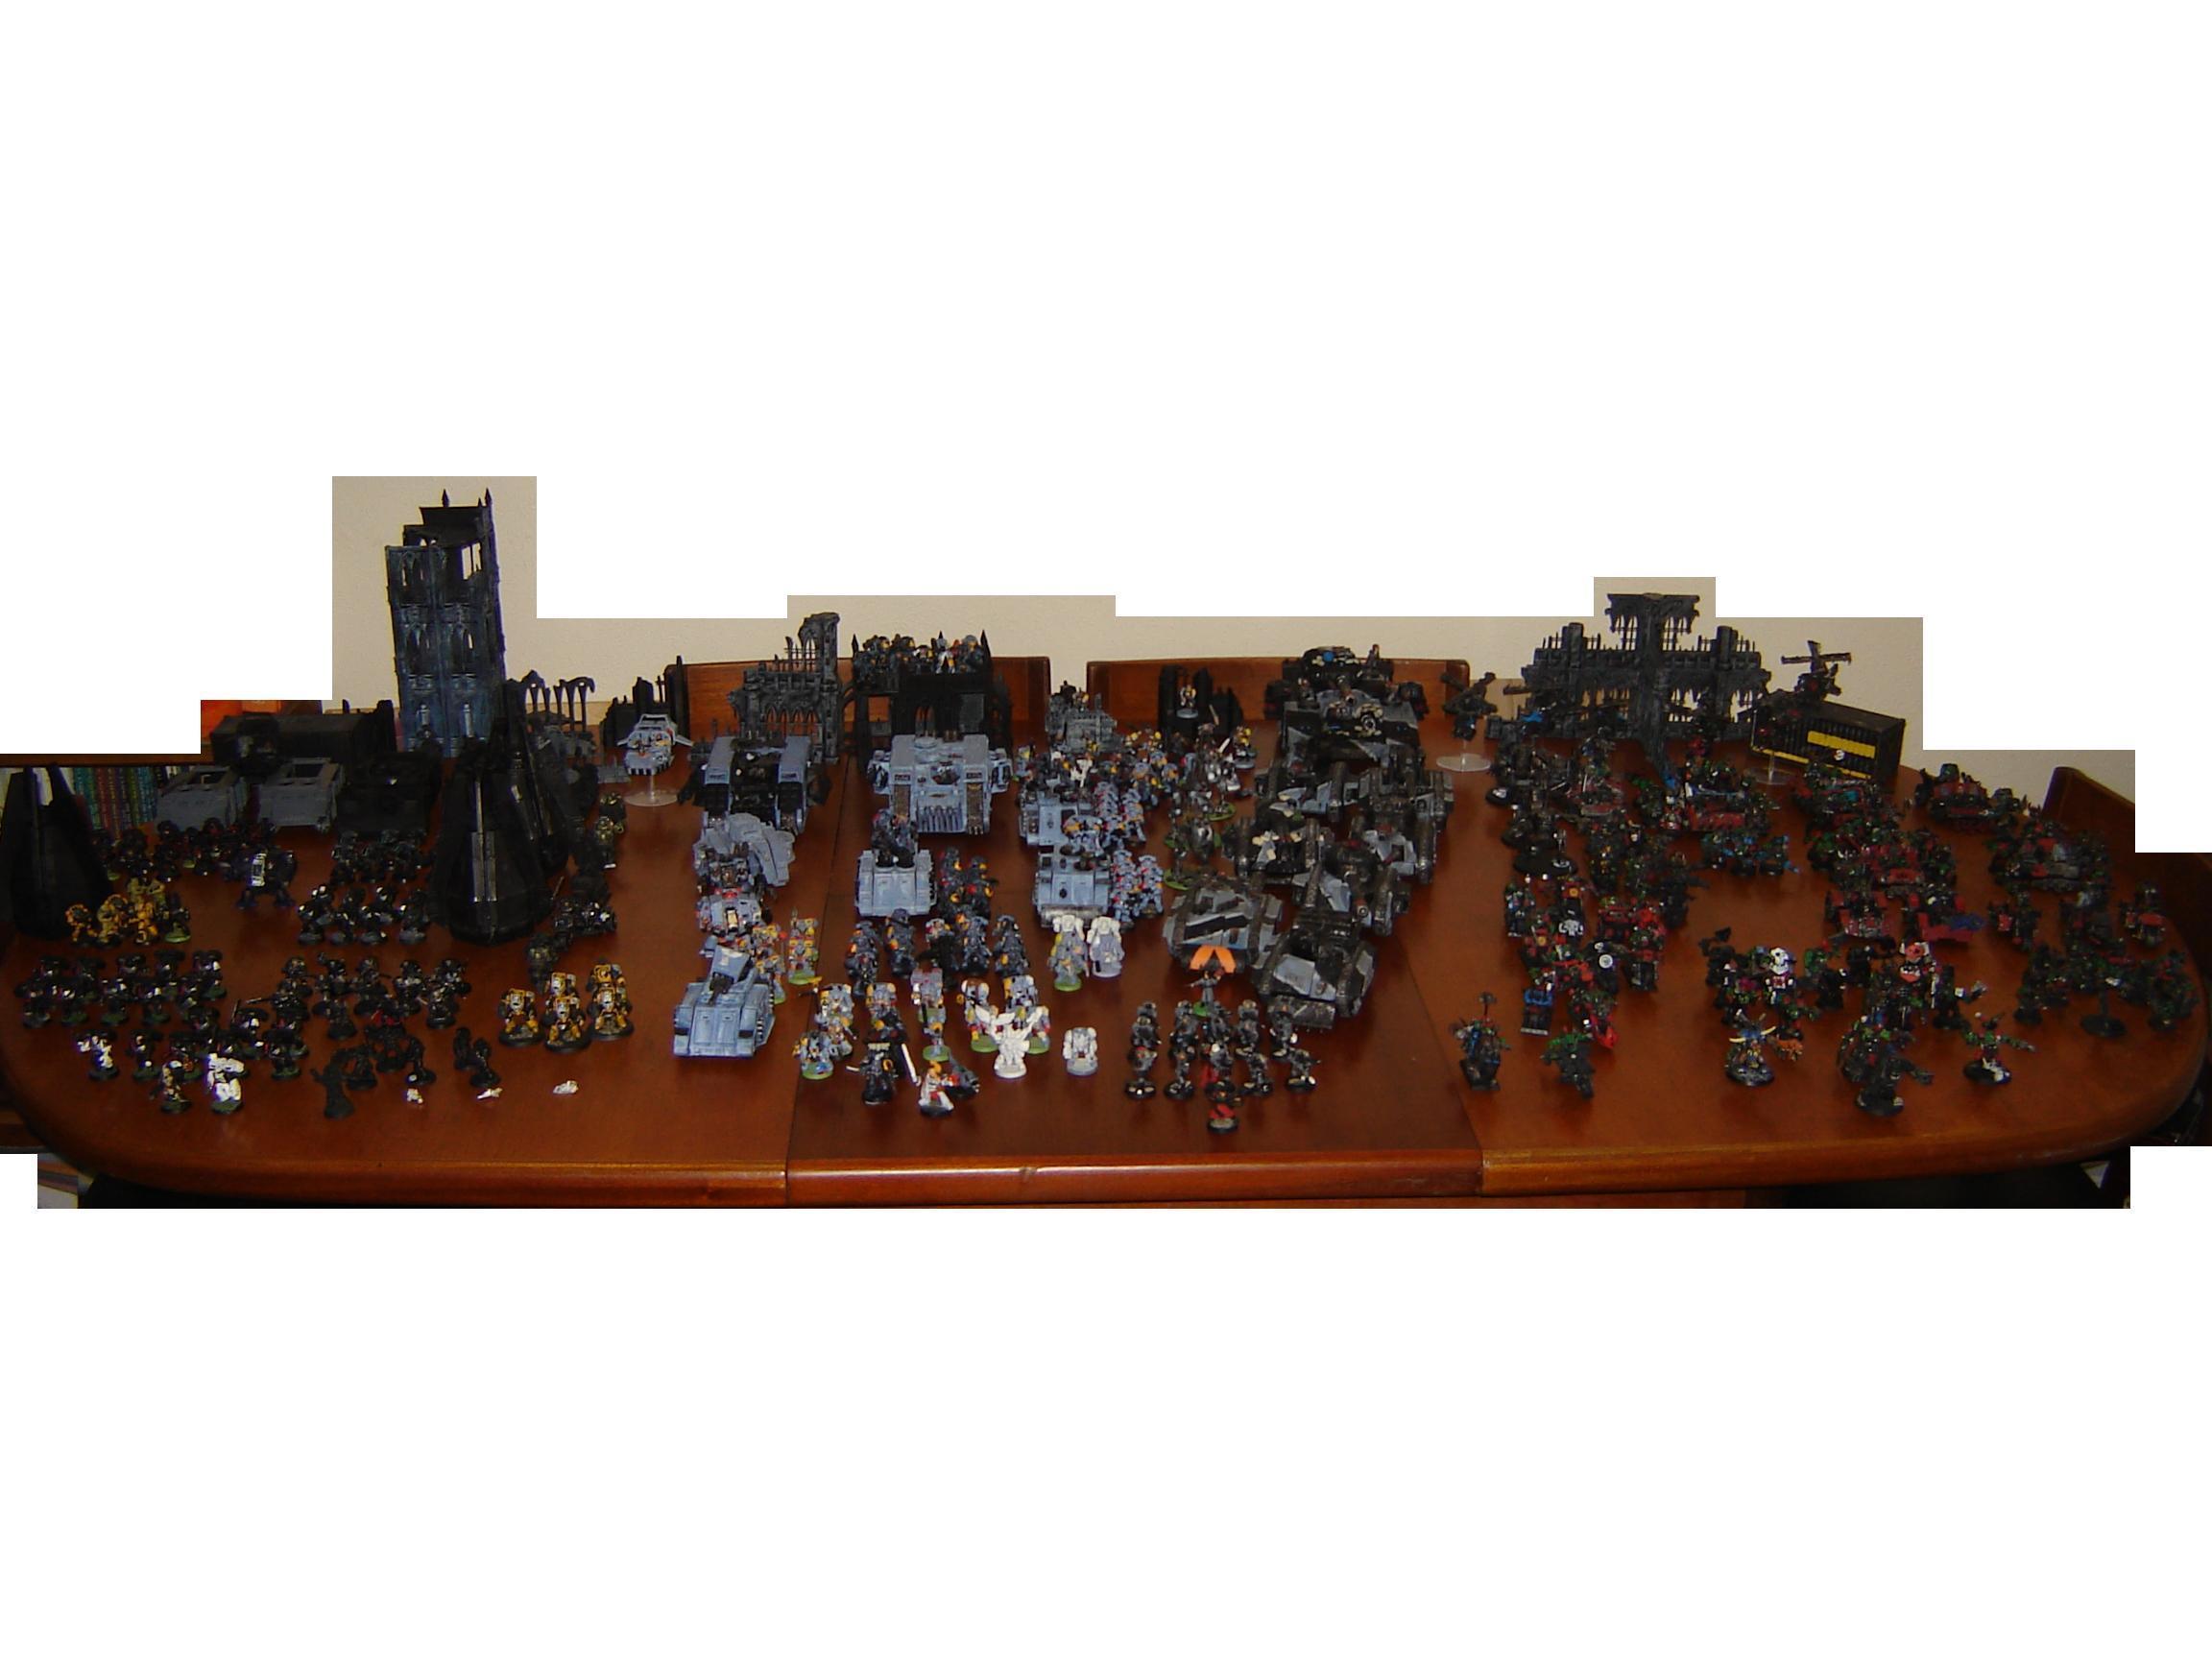 Collection, Land Raider, Space Marines, Work In Progress